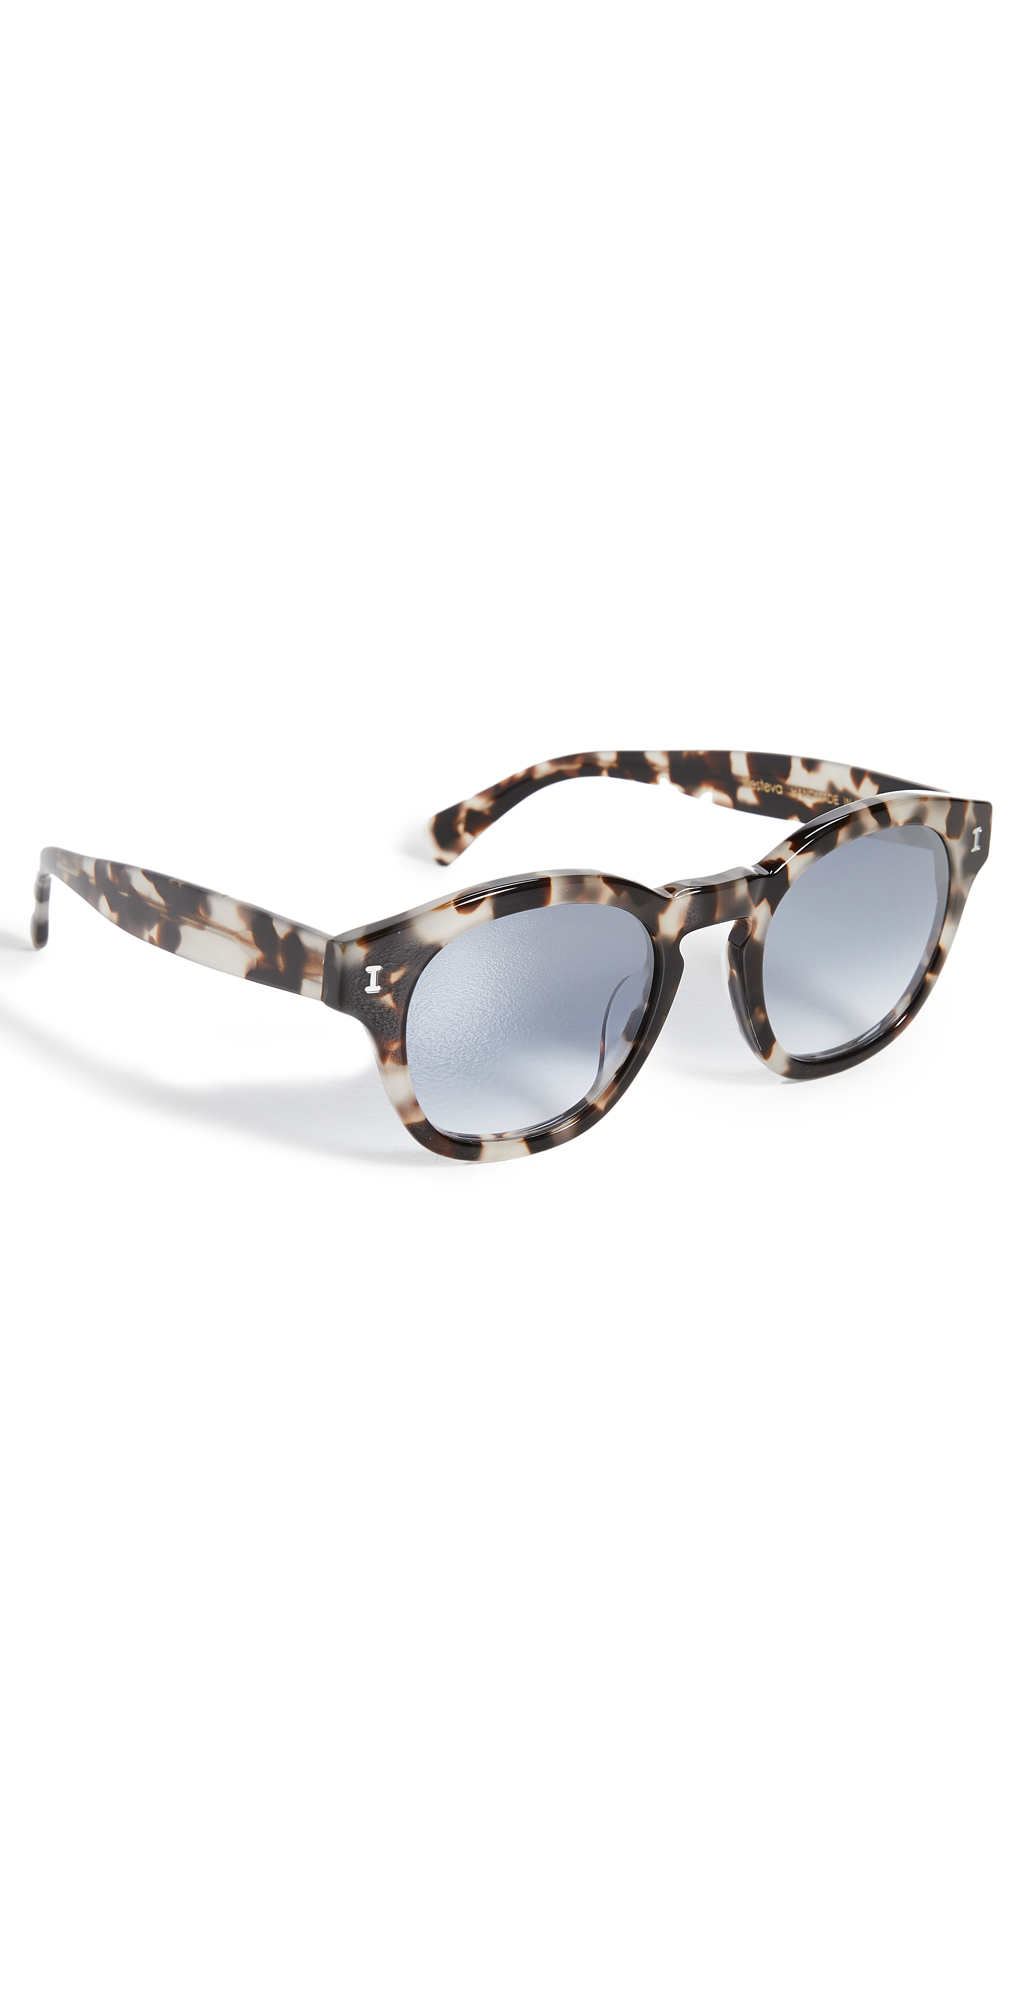 Madison White Tortoise Sunglasses